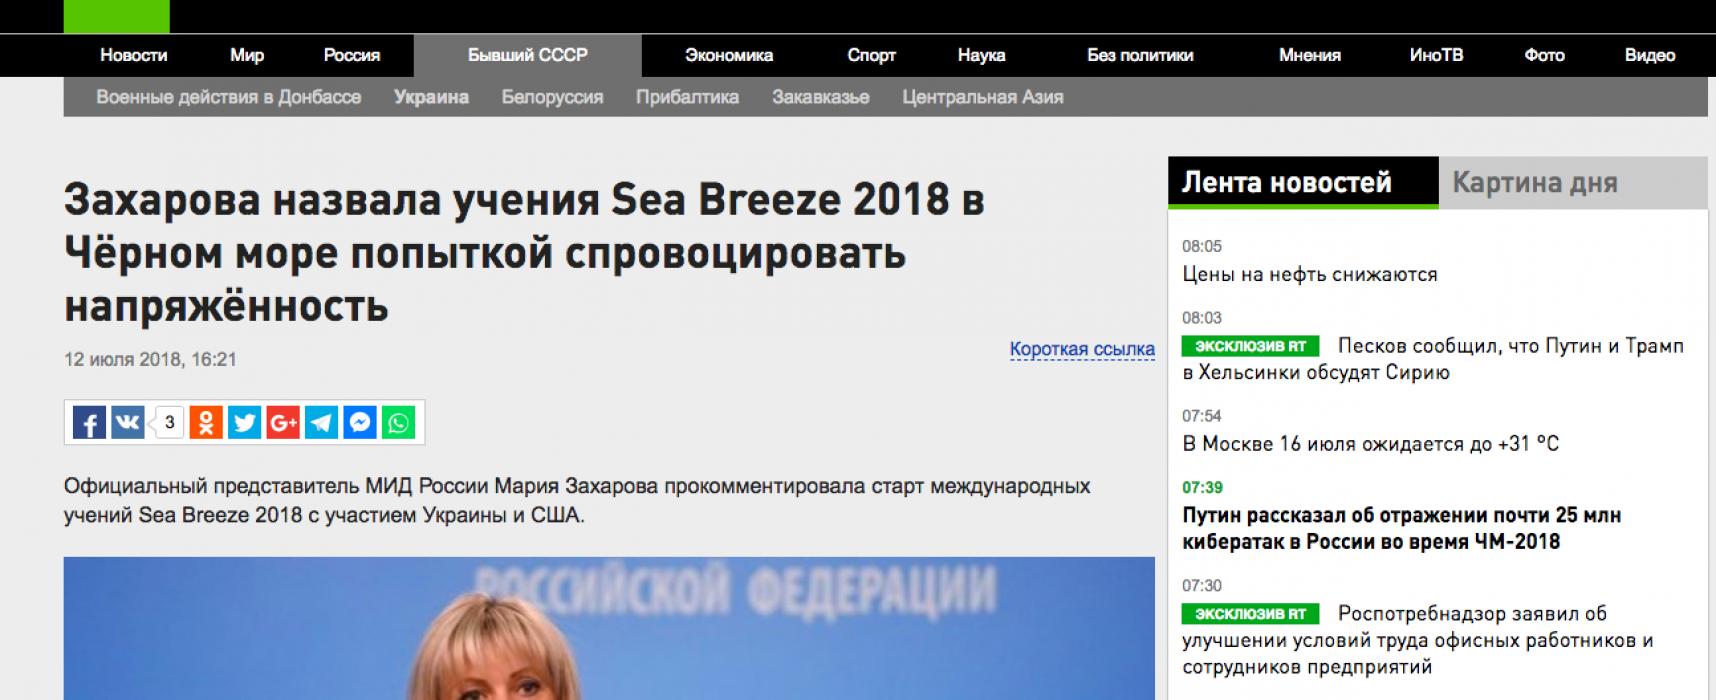 Fake: Ćwiczenia wojskowe krajów członkowskich NATO na Morzu Czarnym powodują zaostrzenie sytuacji na terenach Donbasu